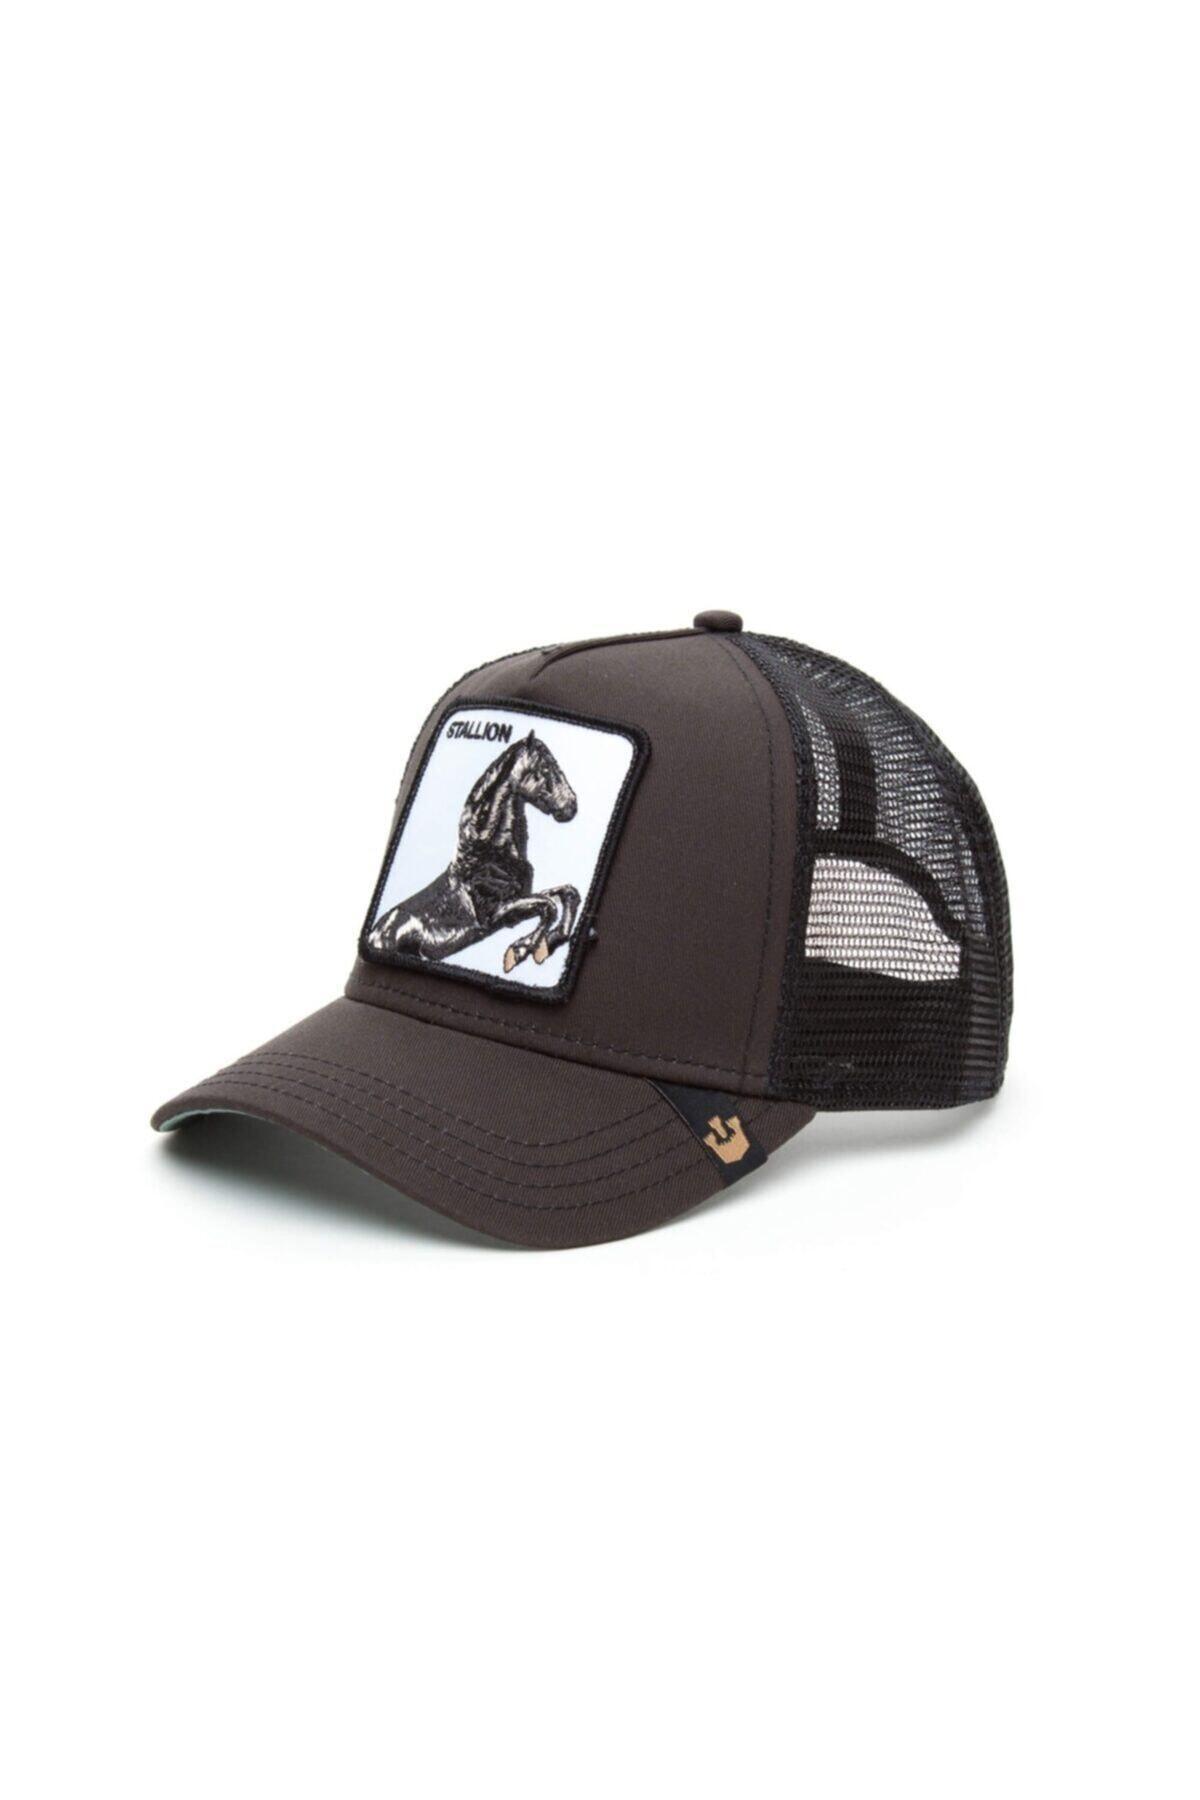 Goorin Bros Goorın Bros Unısex Şapka 101-9991 1